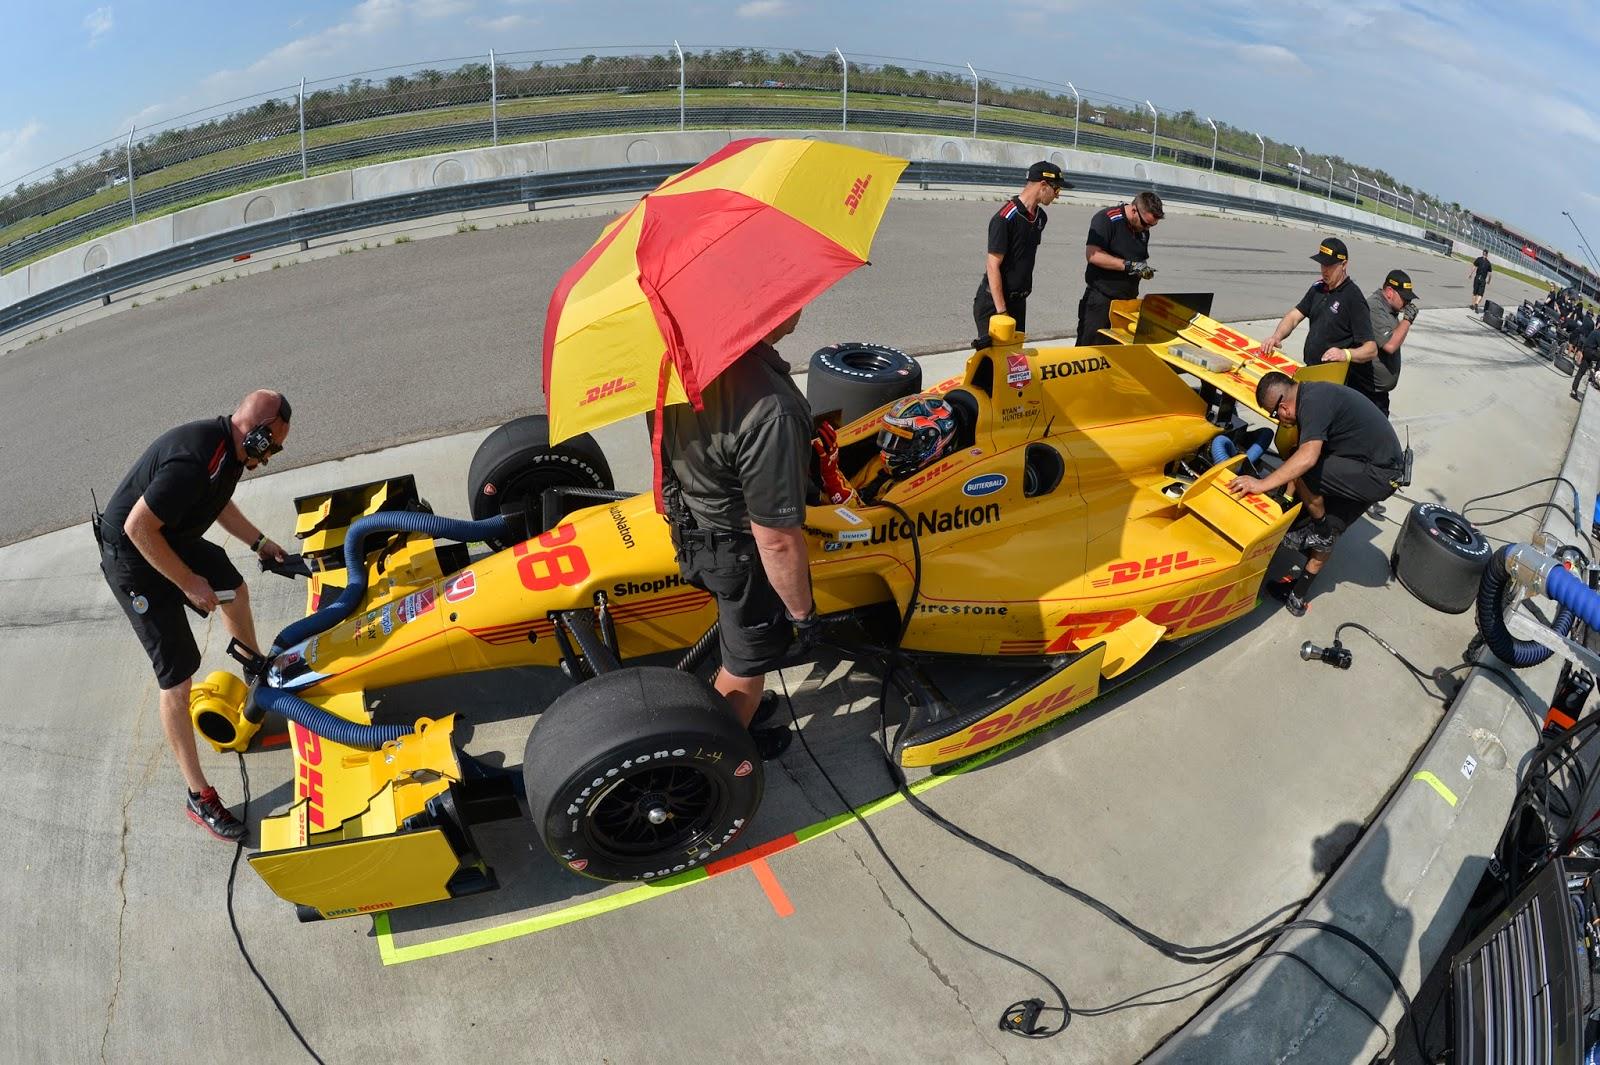 Ryan Hunter-Reay receiving service in pit lane.